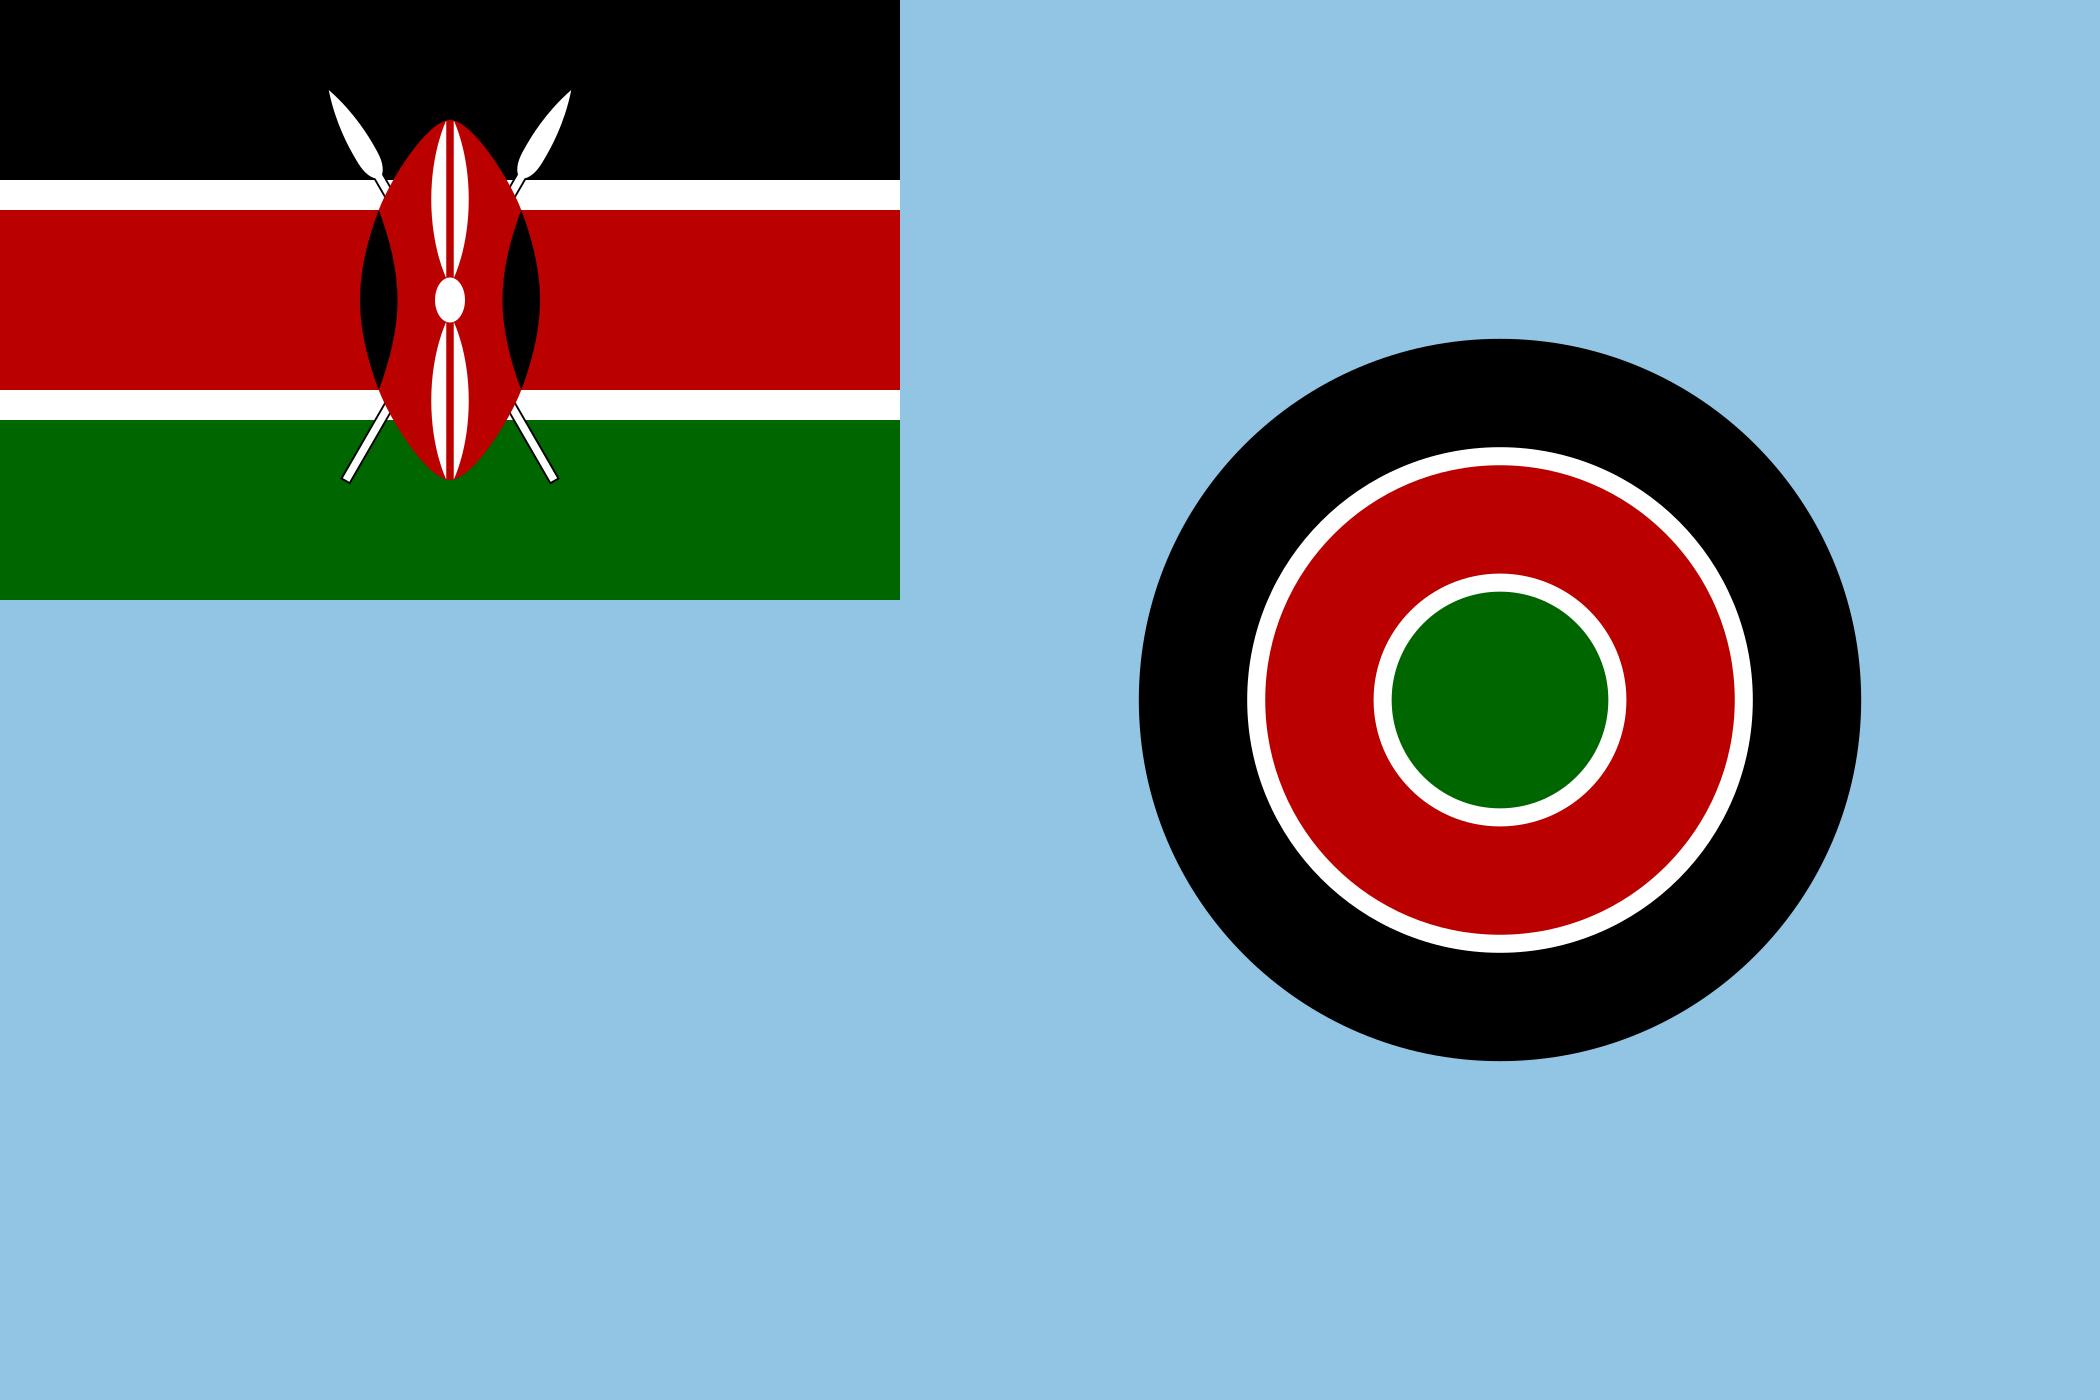 Air Force Ensign of Kenya